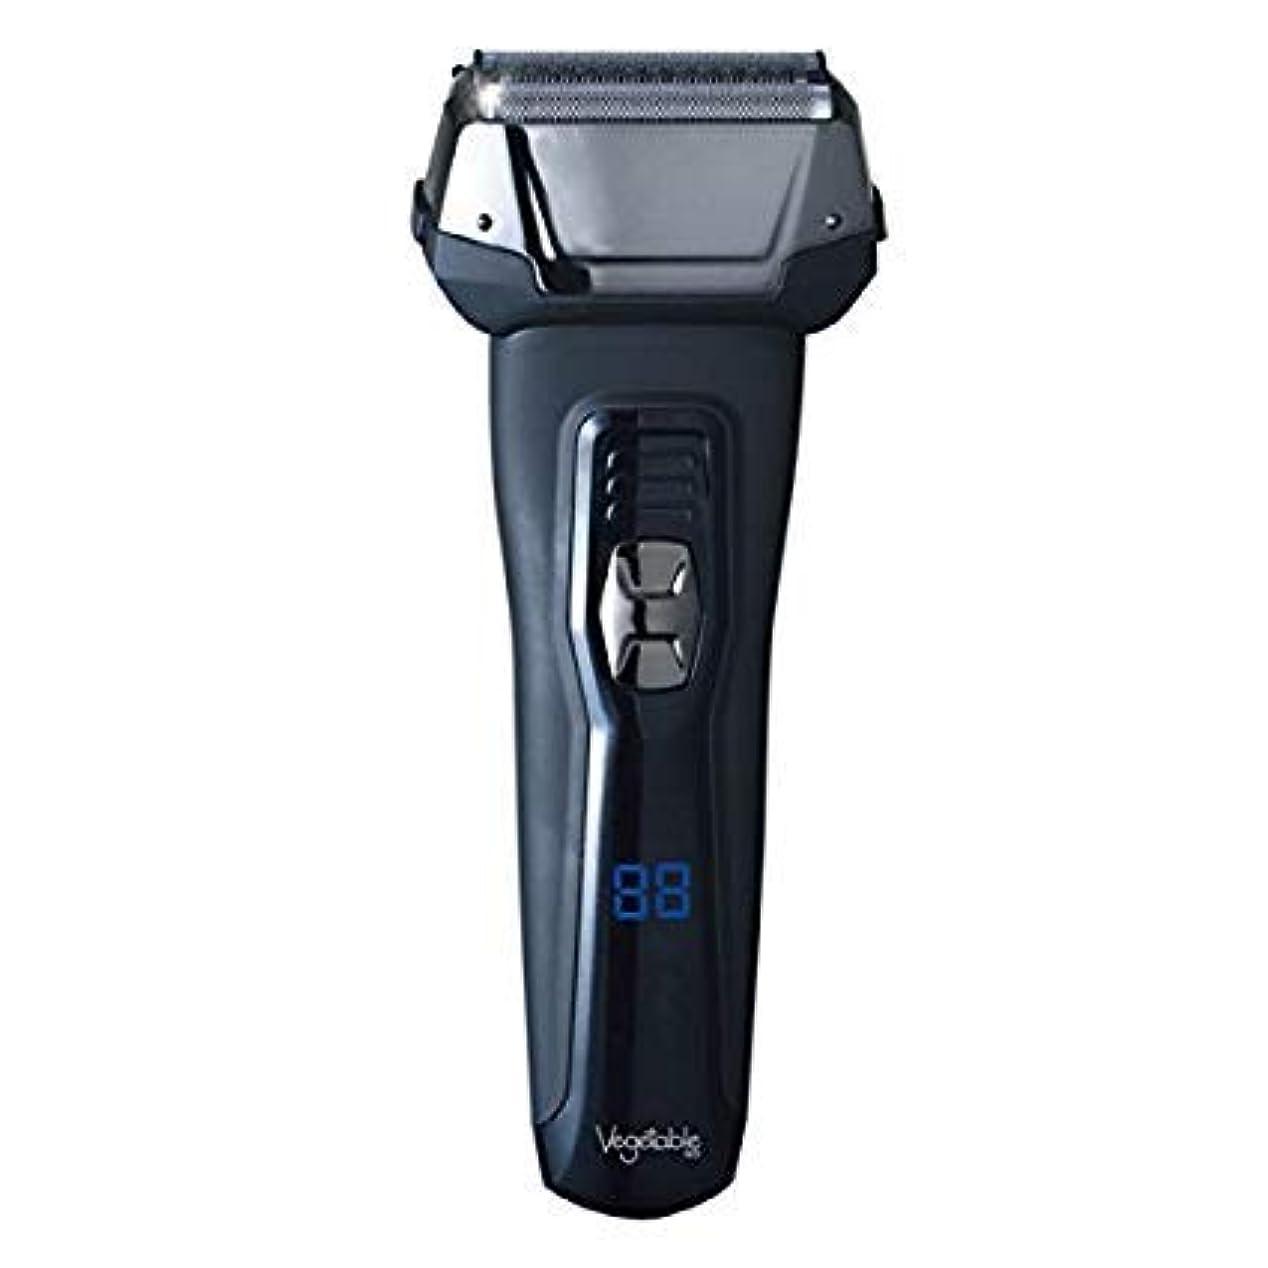 アボートステーキサバント髭剃り 電気シェーバー Vegetable 3枚刃 充電交流式ウォッシャブルデジタルシェーバー GD-S307D